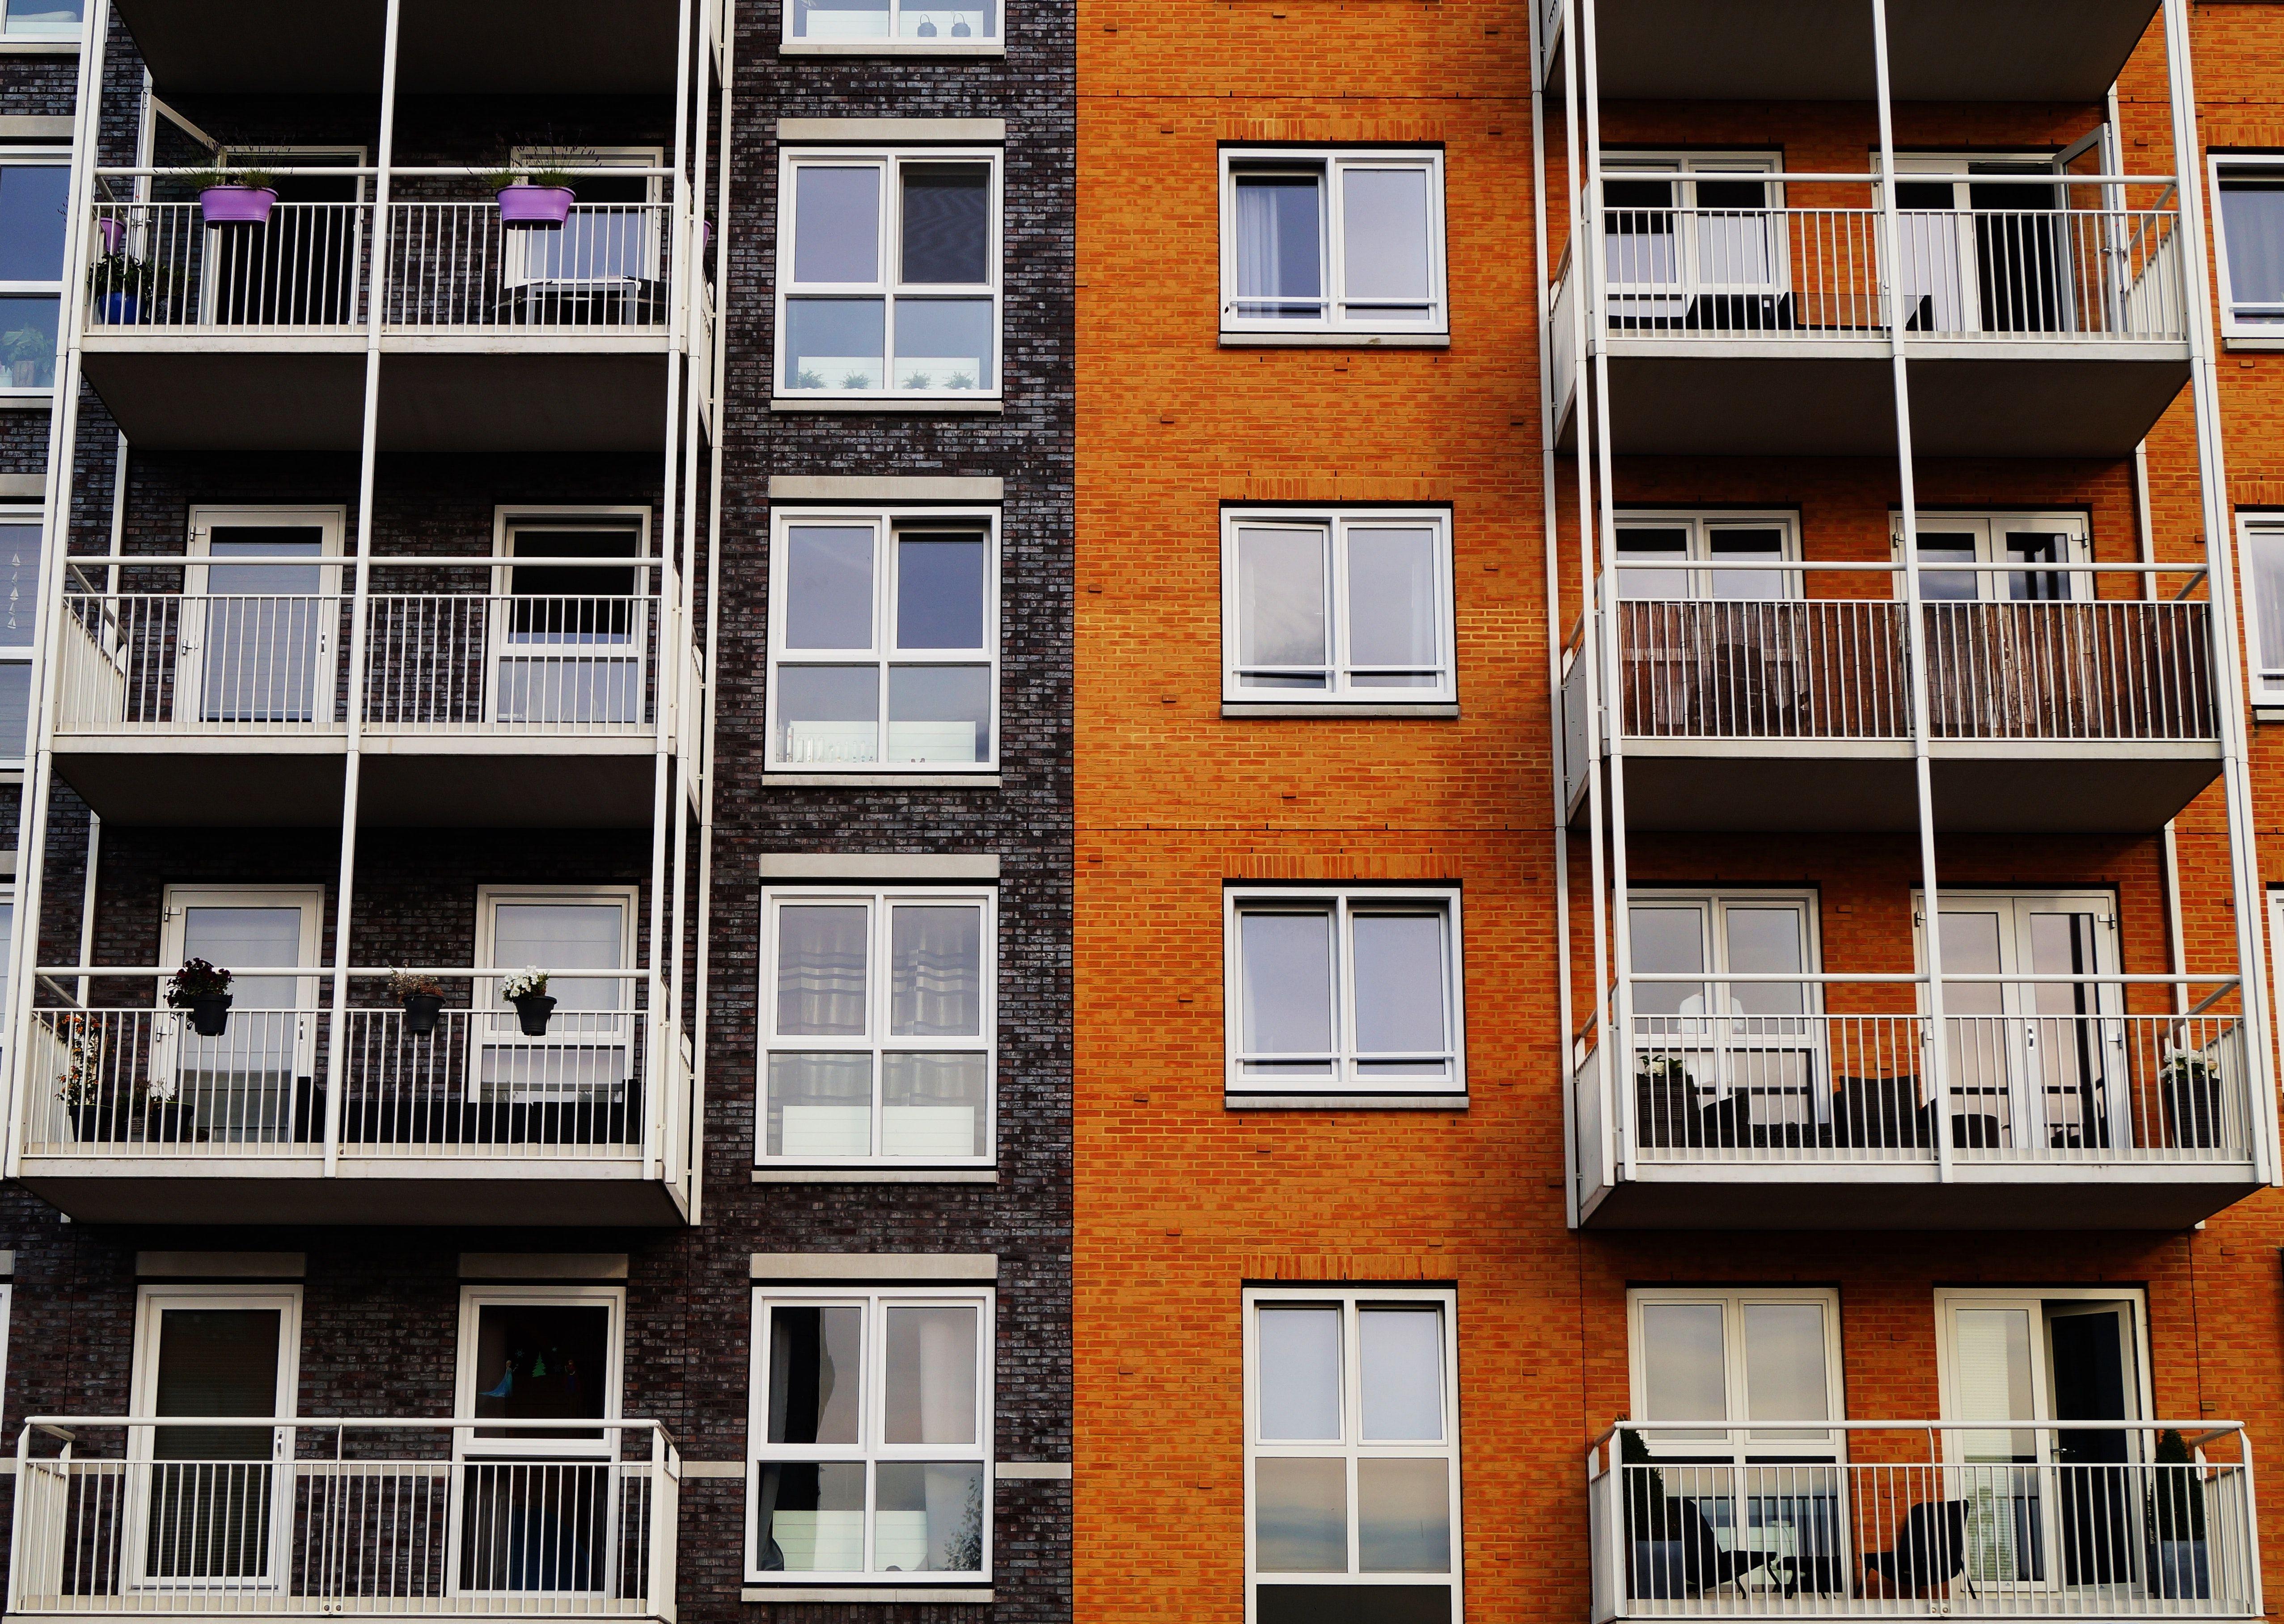 Welche Mietervereinigung auswählen? Immobilien